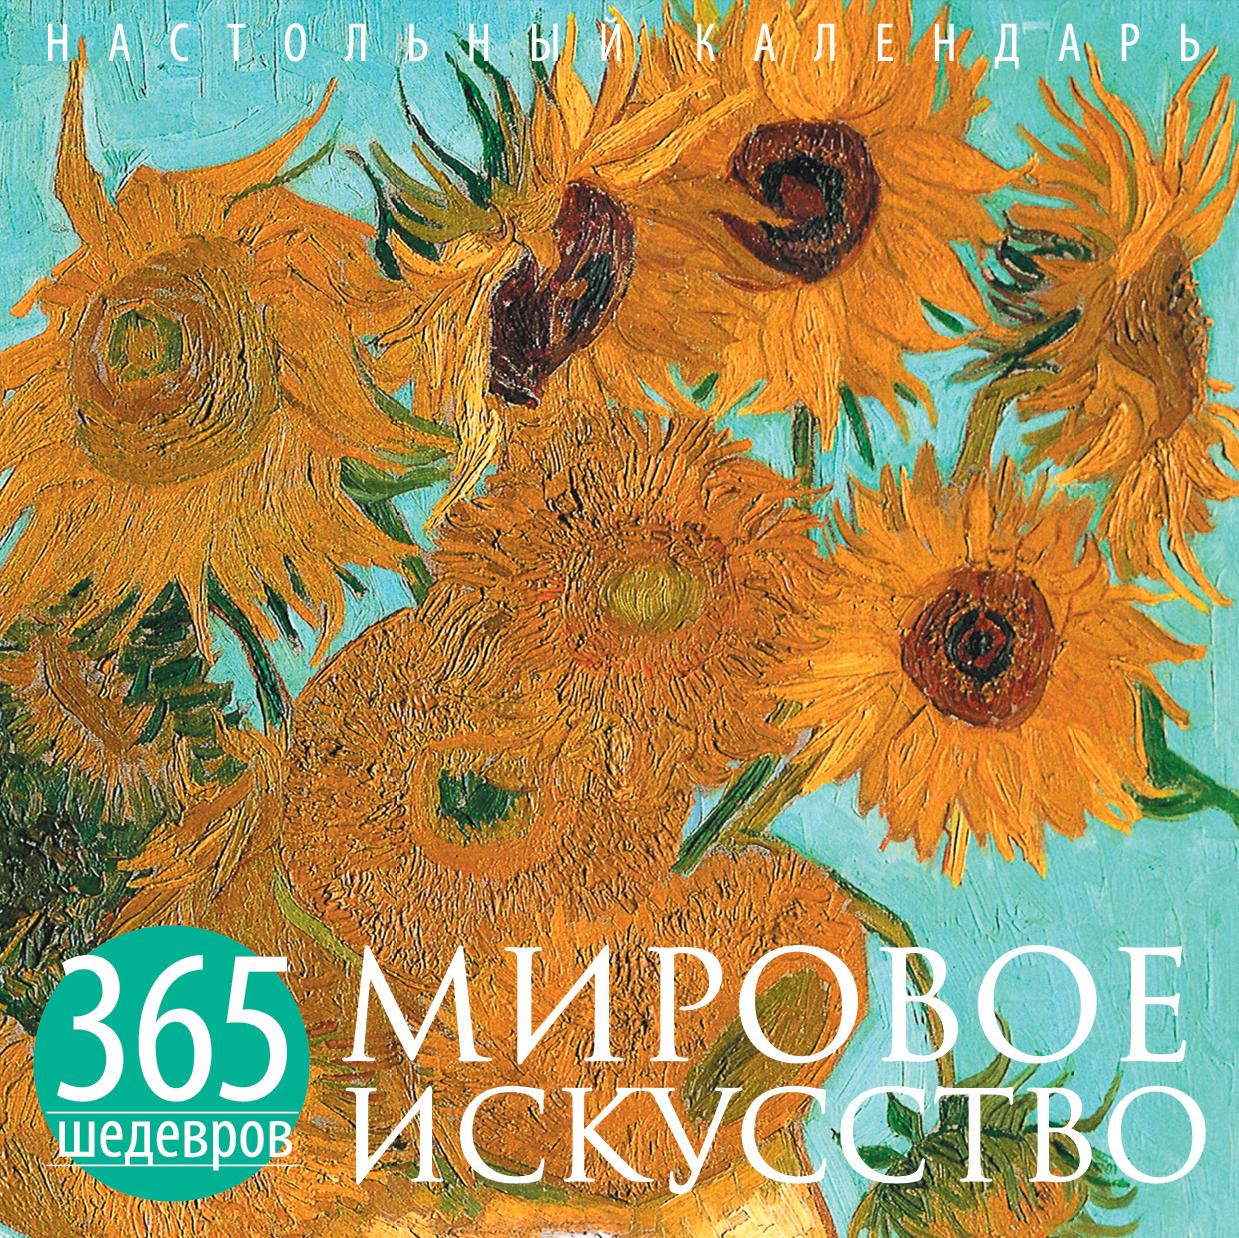 Мировое искусство. 365 шедевров. Календарь отрывной настольный (Ван Гог) (серия Календари искусств.365 шедевров. Настольные отрывные календари)